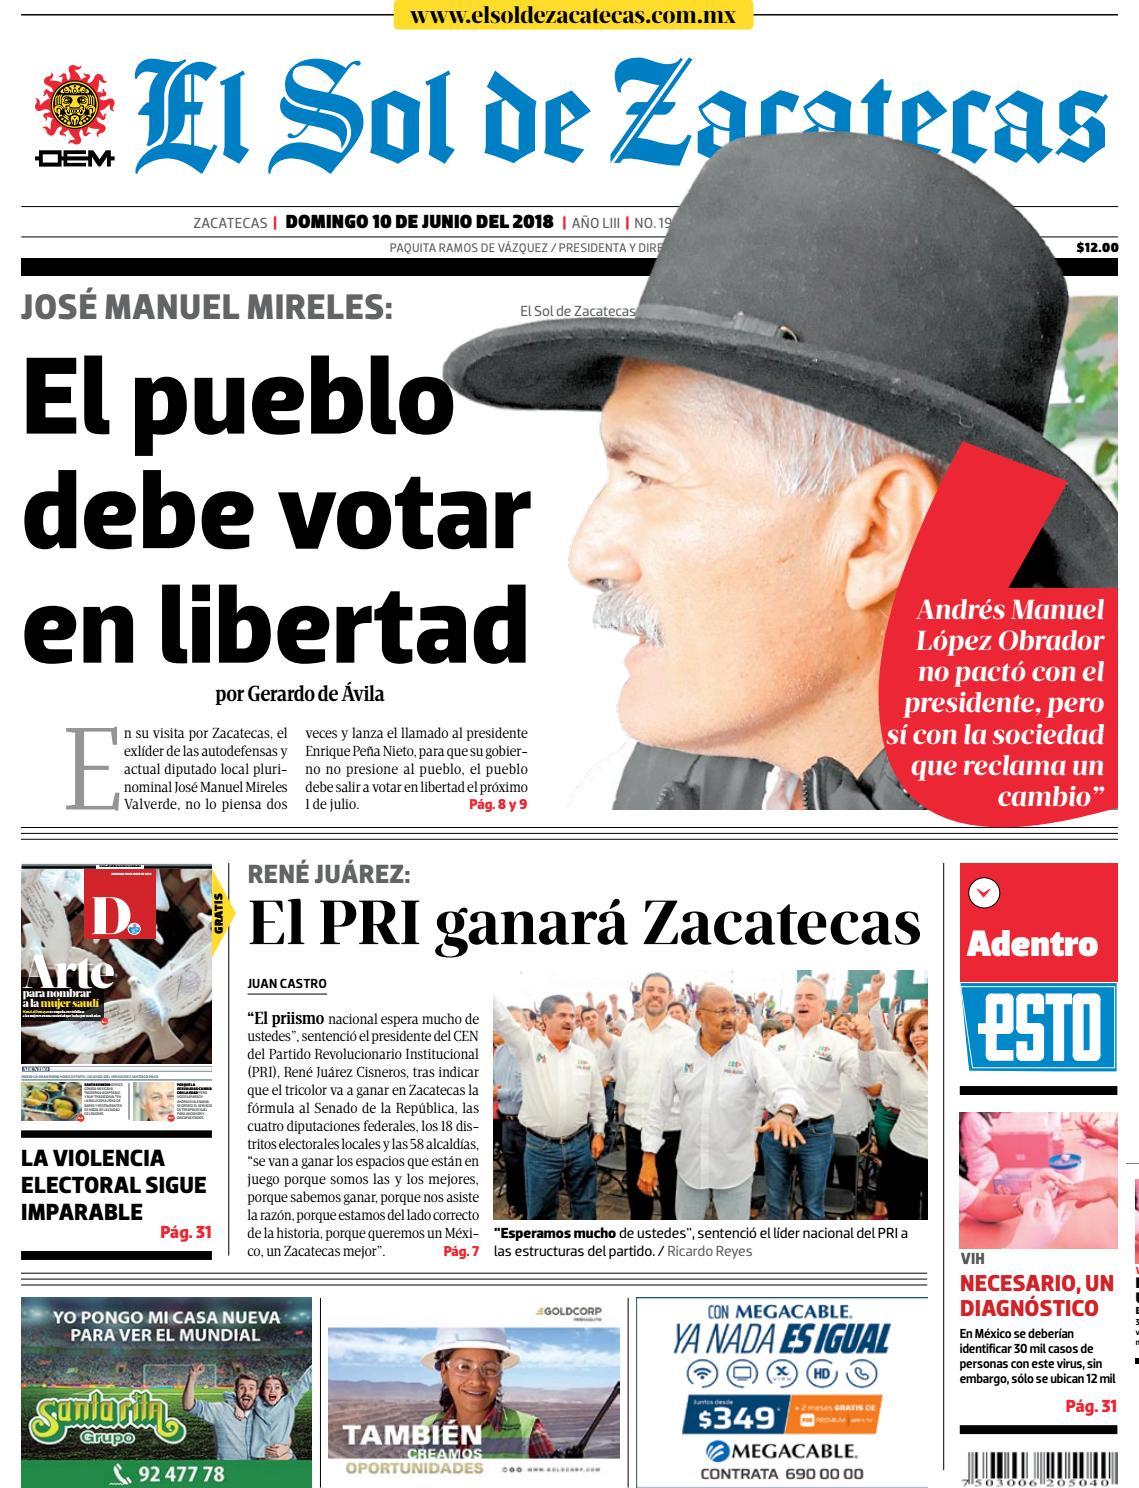 El Sol de Zacatecas 10 de junio 2018 by El Sol de Zacatecas - issuu 71421c1ed2a